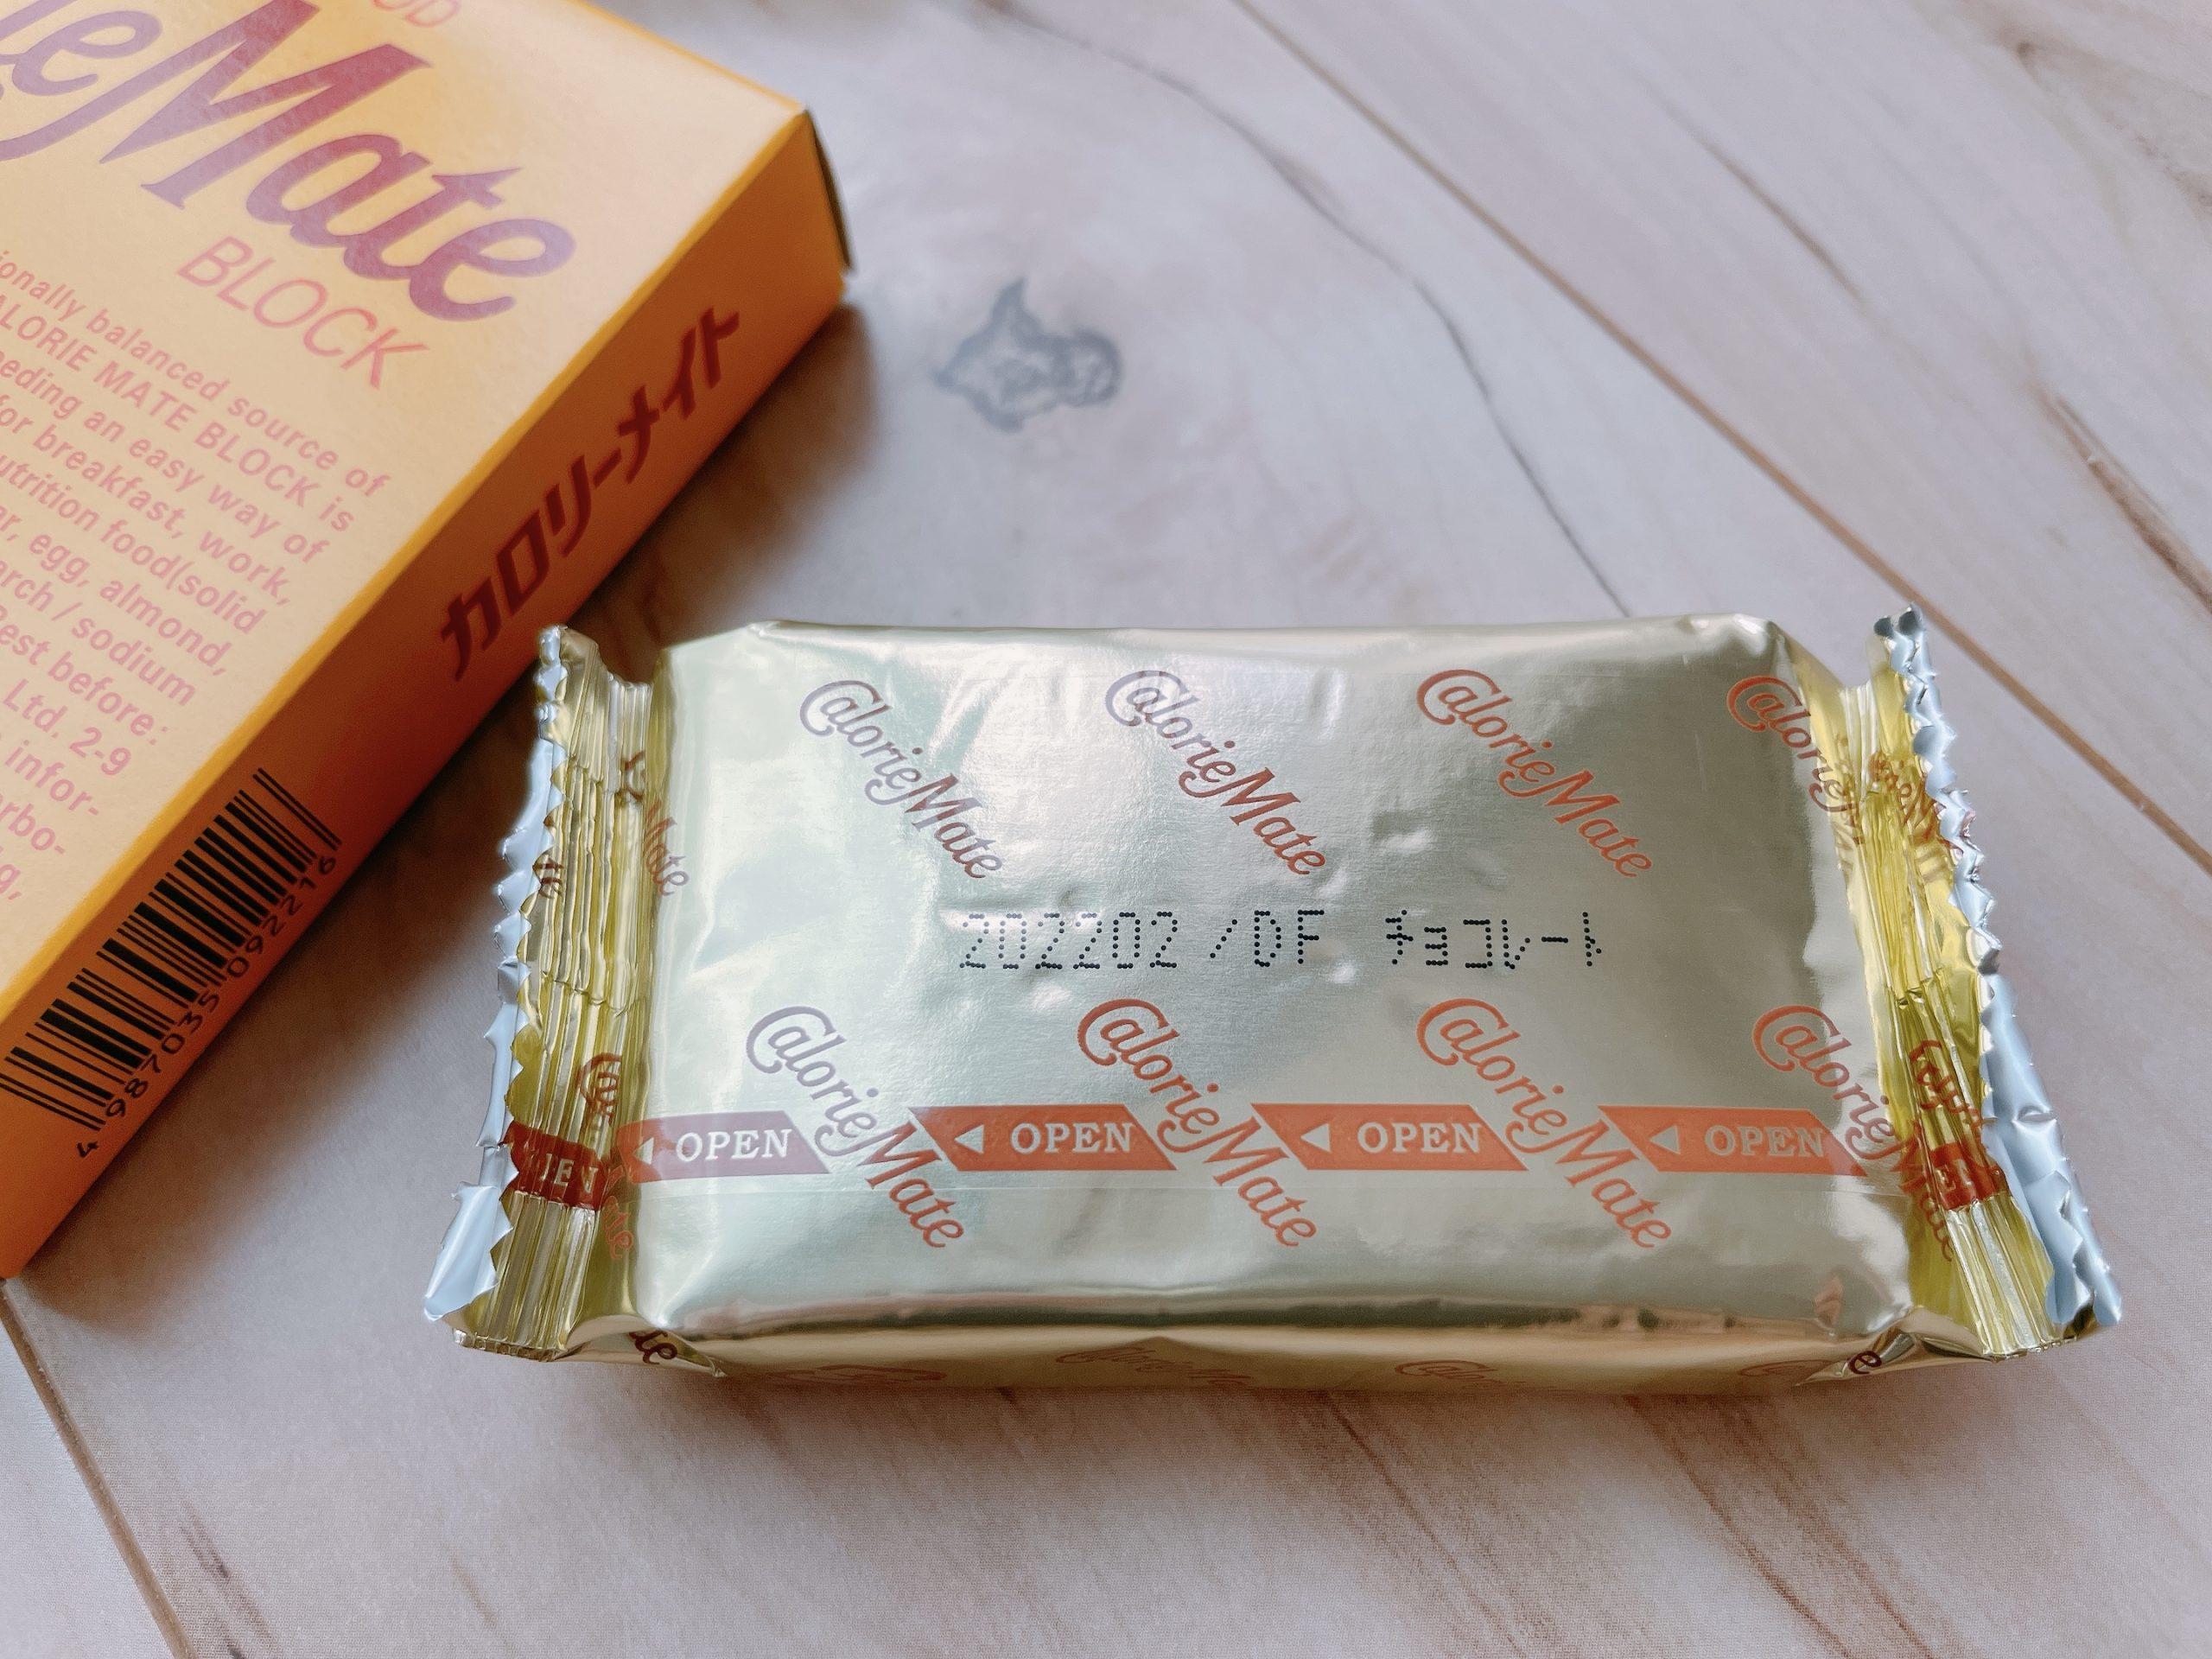 カロリーメイト ブロック チョコレート味の1袋には、2本のブロックが入っている